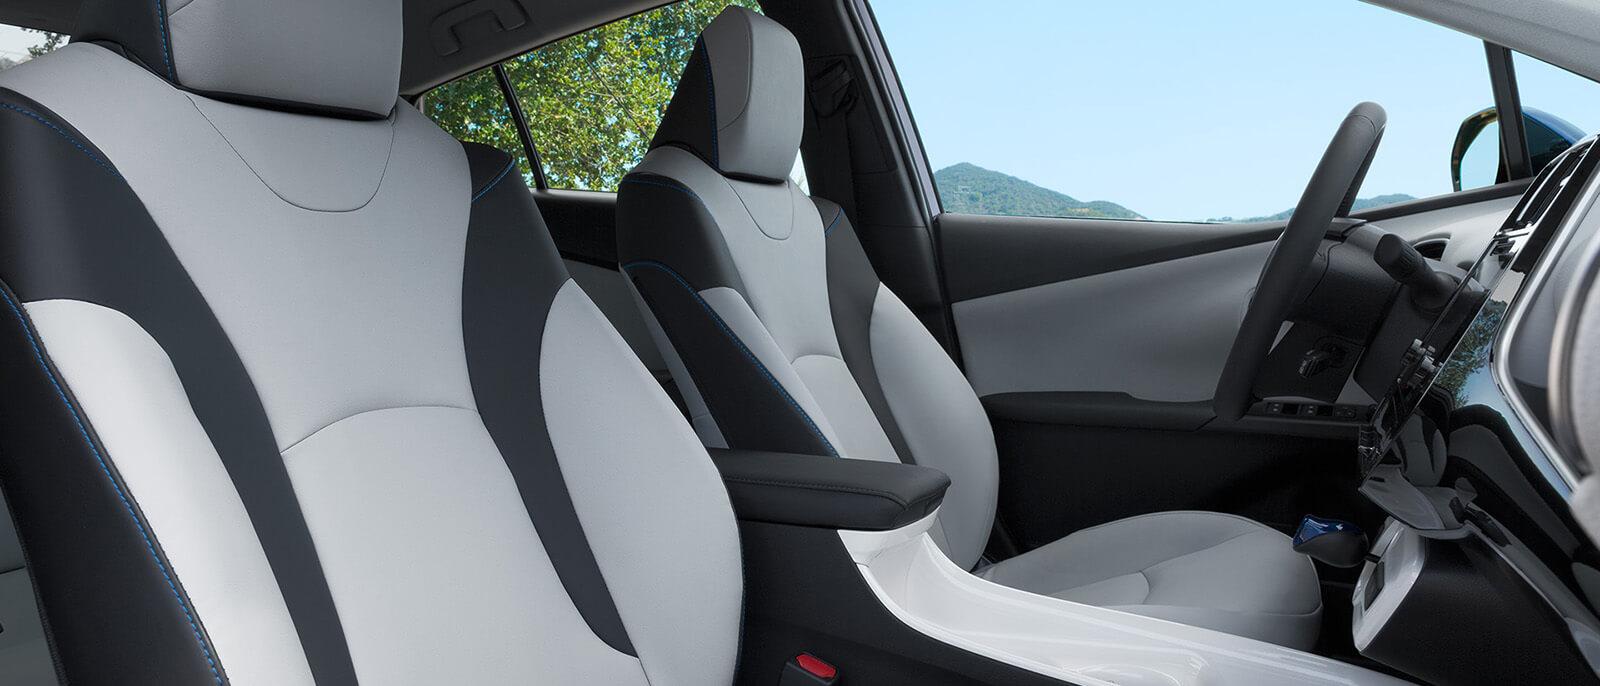 2017 Toyota Prius Interior